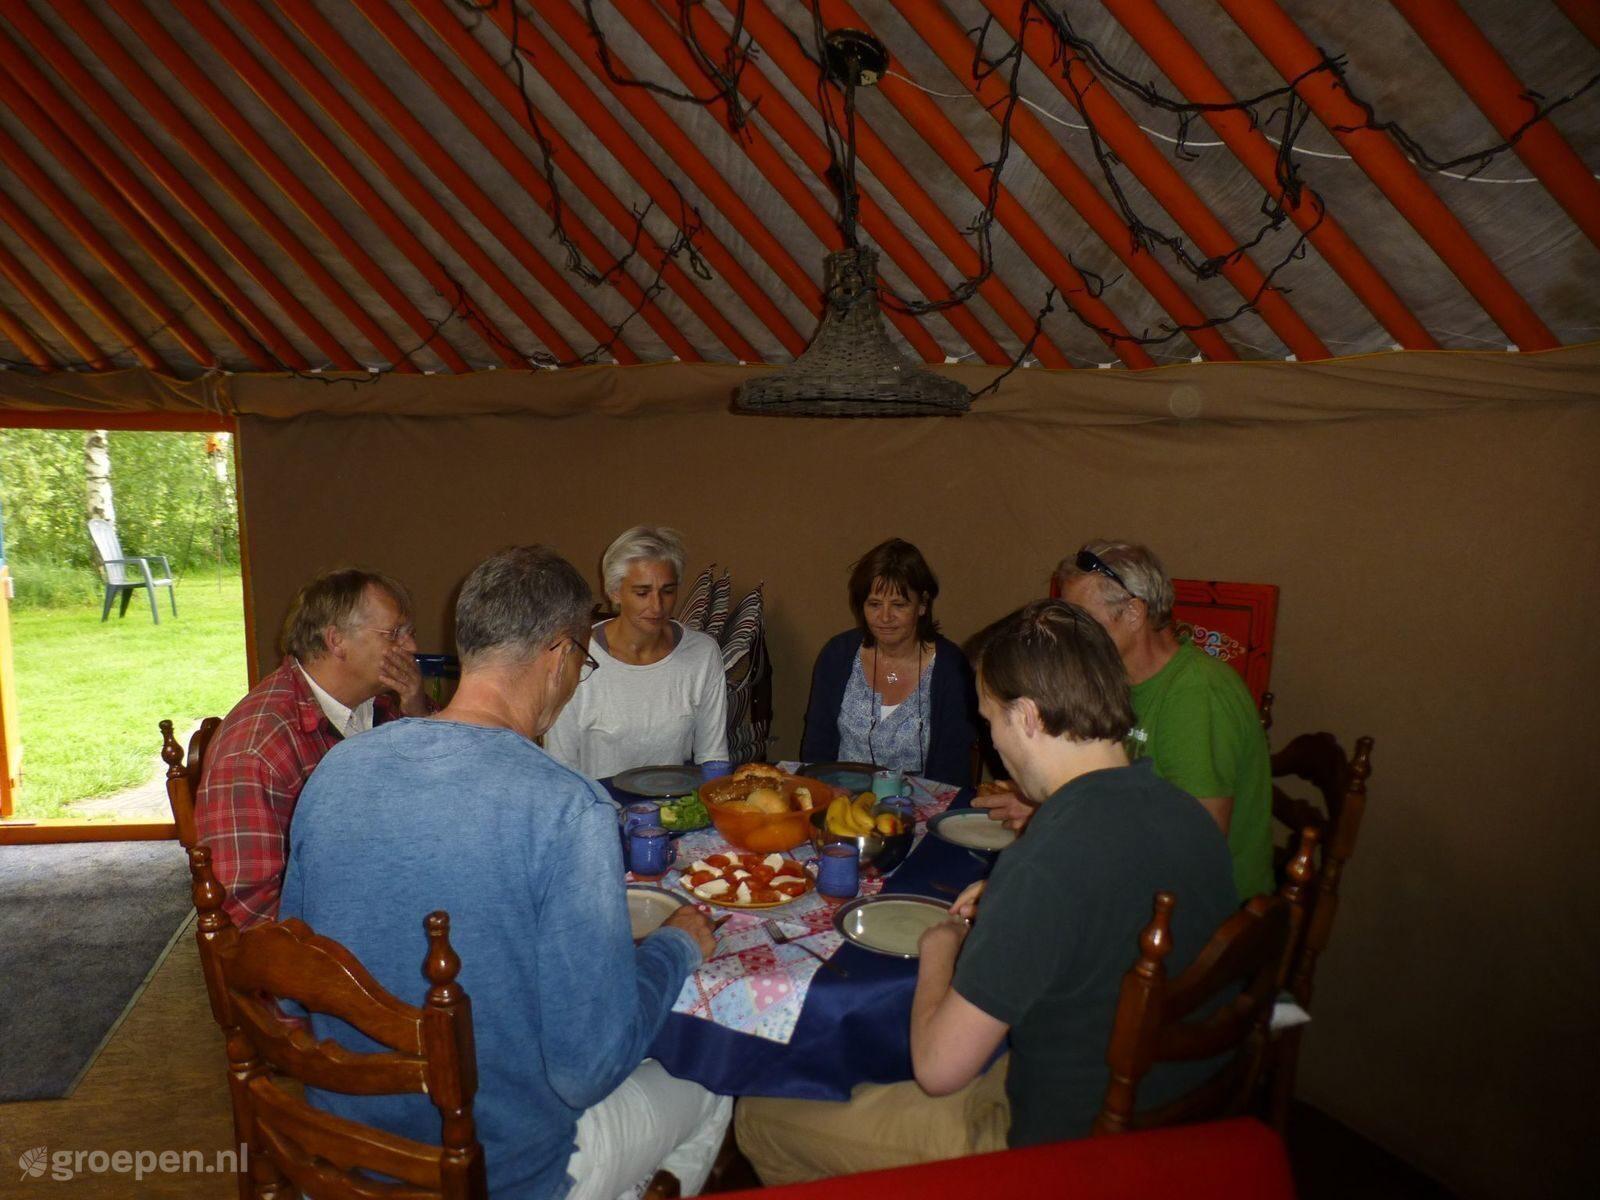 Gruppenunterkunft Appeltern